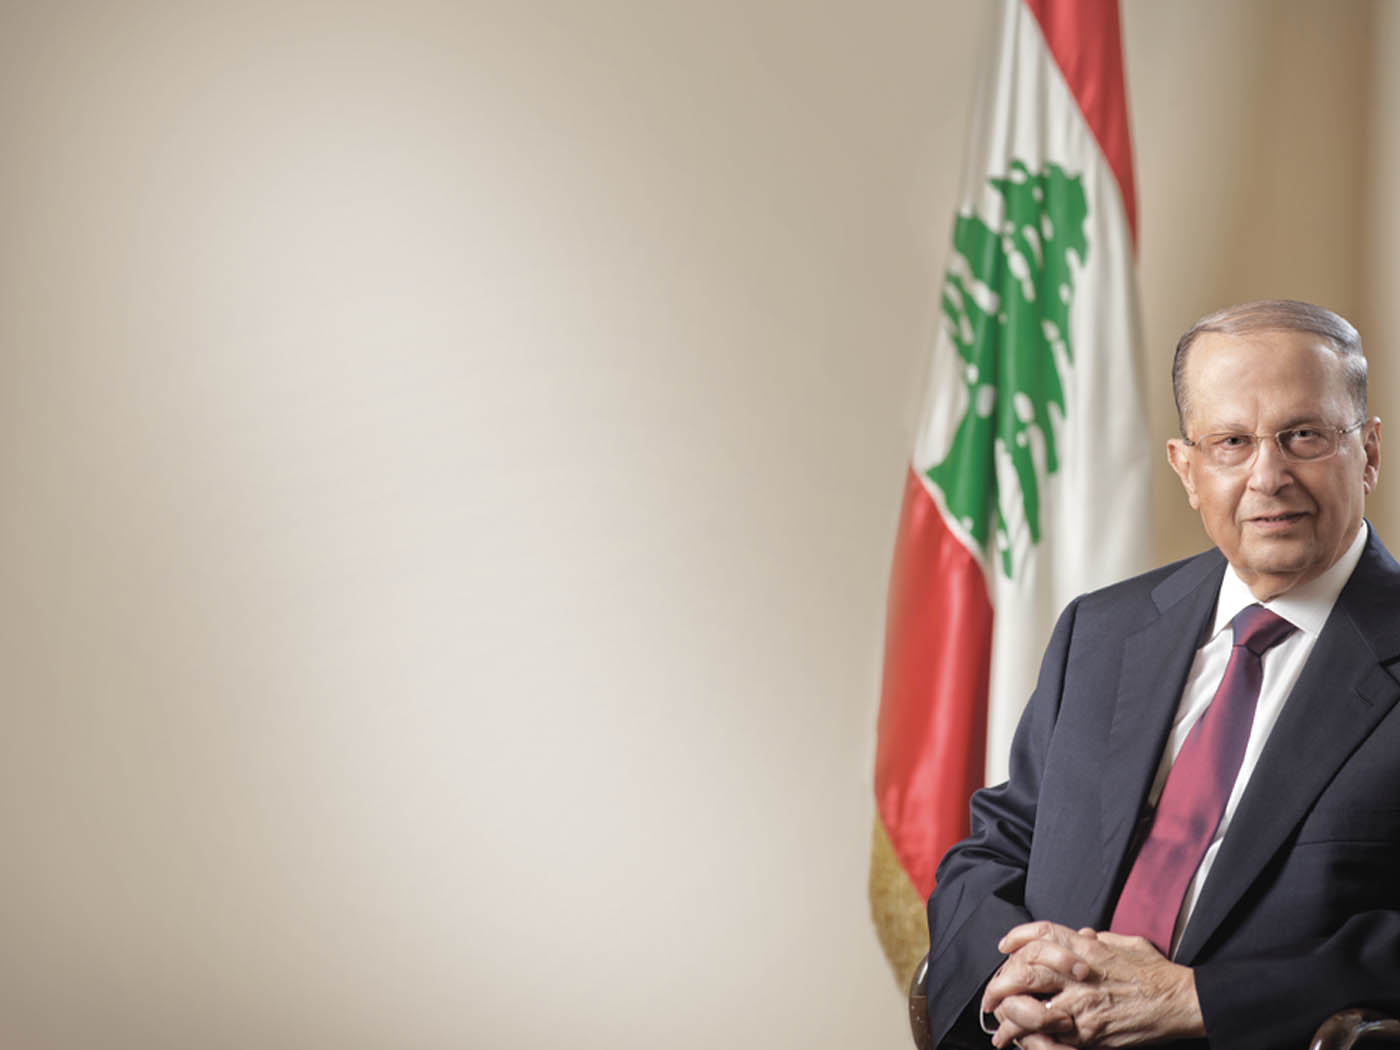 لبنان در آستانه خروج از بنبست، آینده بعد از عون چه میشود؟